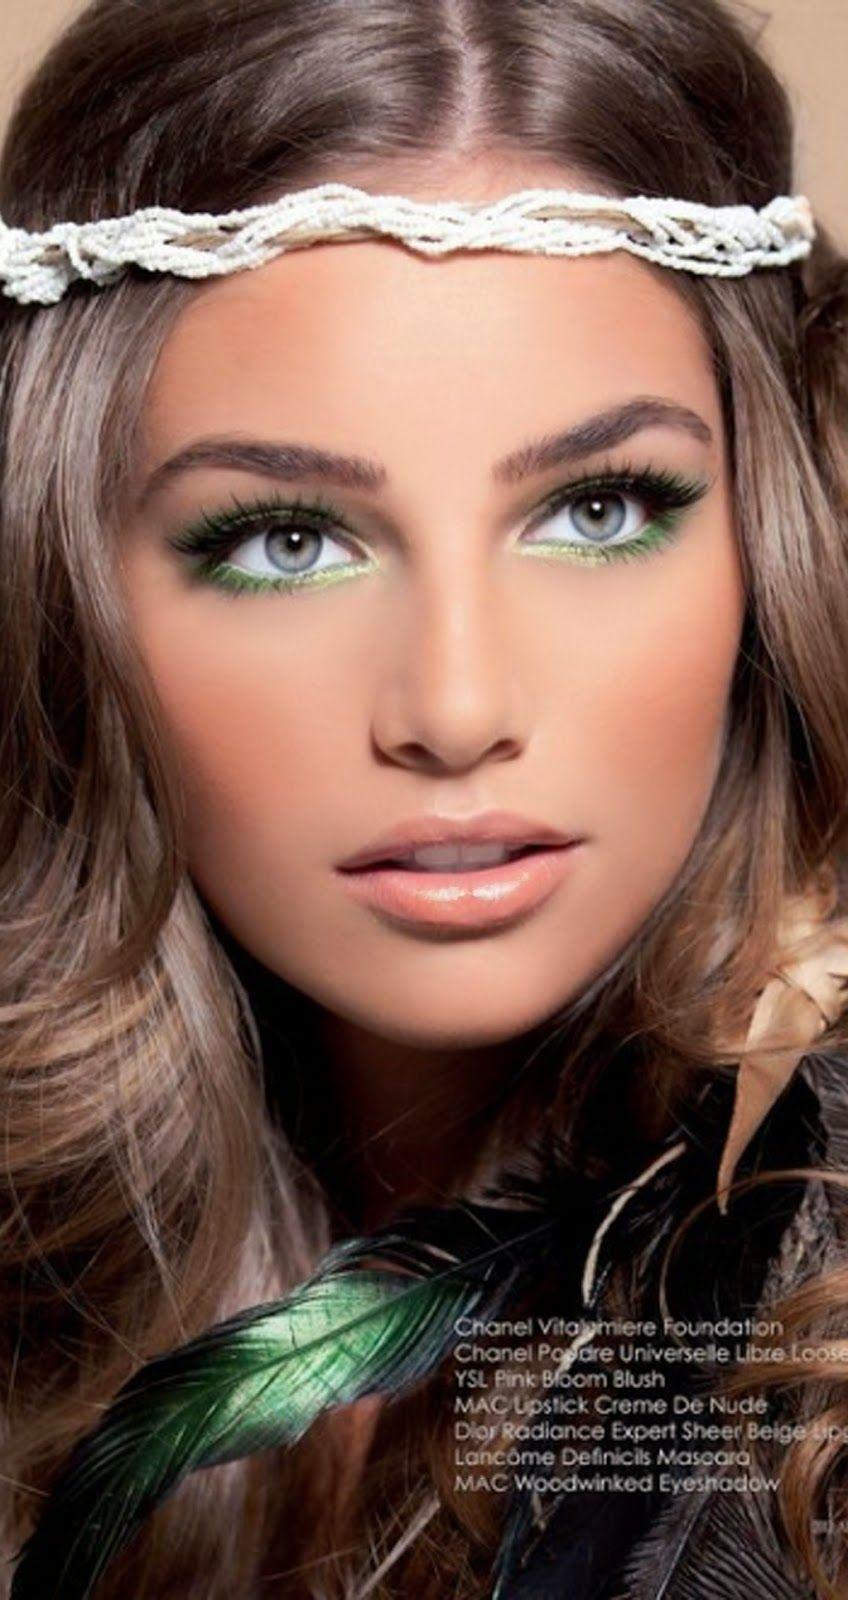 USA Fashion Music News AMANDA LAJCAJ ALBANIAN